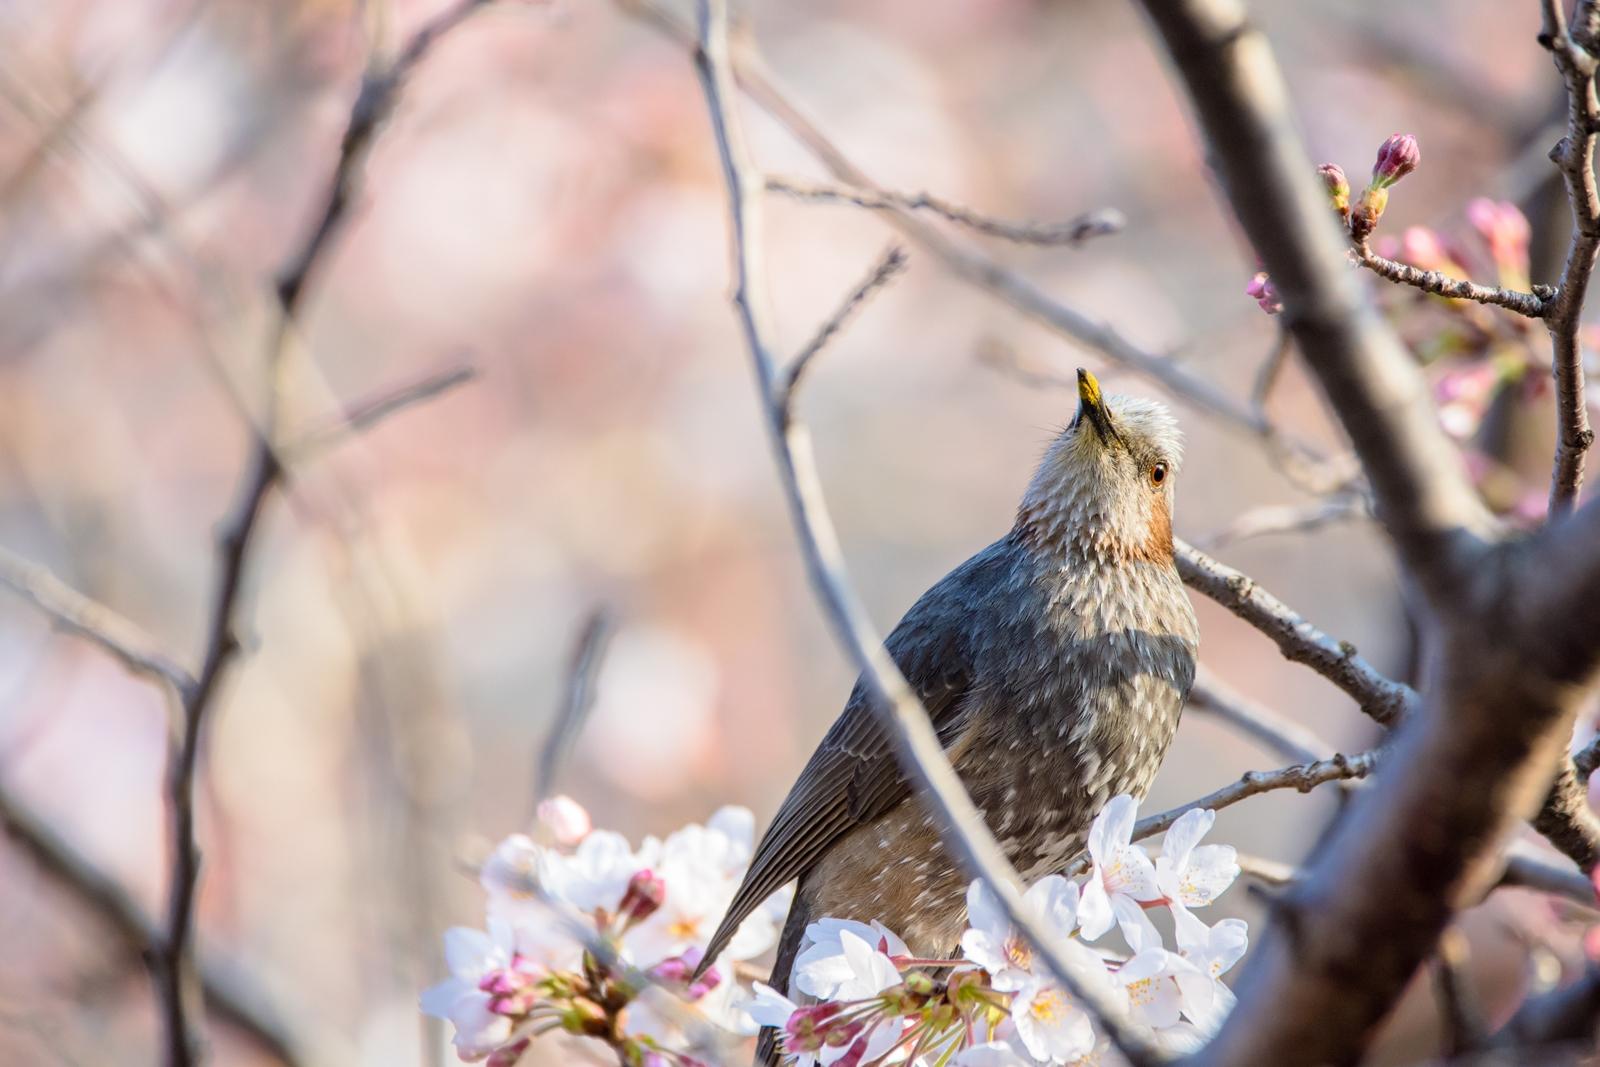 Photo: 「恍惚」 / Entranced.  うれしいって気持ち 君の顔を見ていると とてもよくわかる もっと続いたらいいのにね  Brown-eared Bulbul. (ヒヨドリ)  Nikon D7200 SIGMA 150-600mm F5-6.3 DG OS HSM Contemporary  #birdphotography #birds #kawaii #小鳥 #nikon #sigma #小鳥グラファー  ( http://takafumiooshio.com/archives/2315 )